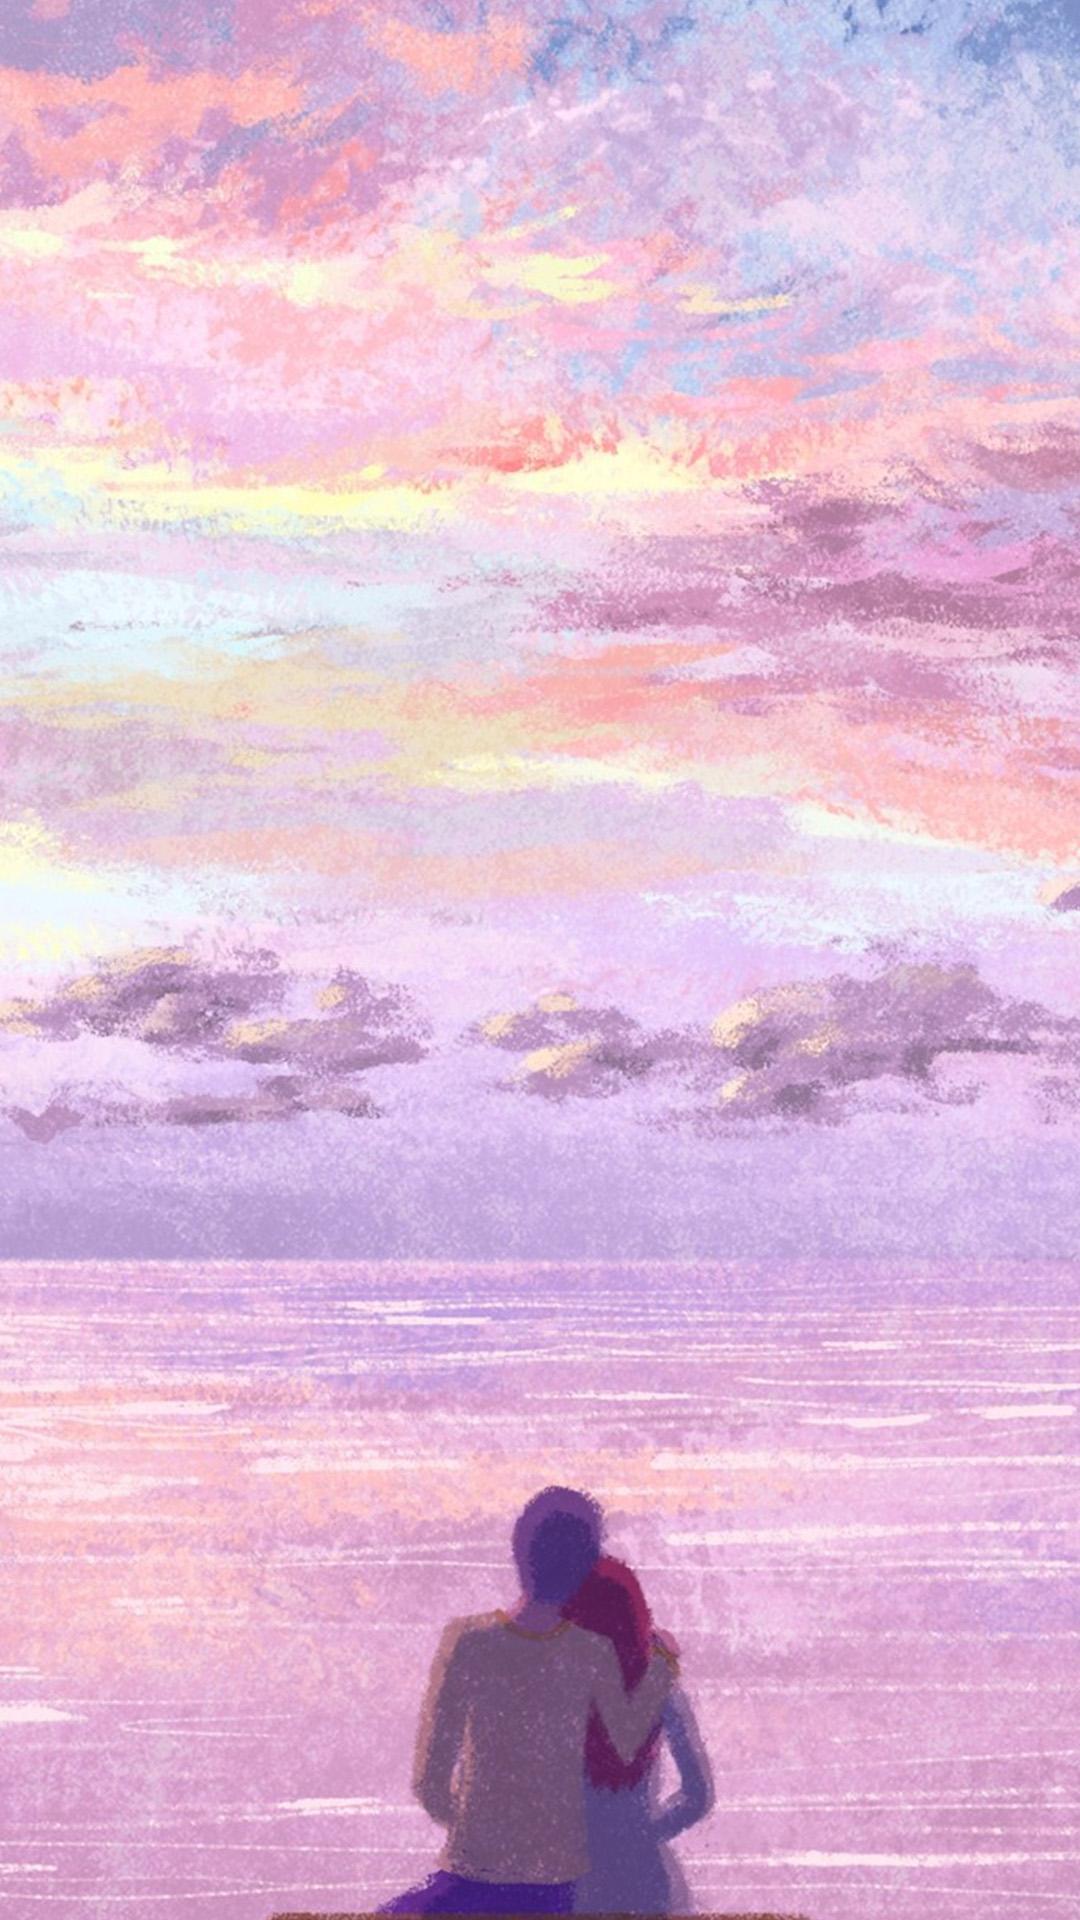 無料ダウンロードのための海辺のカップル後ろ姿H5背景 海辺 カップル